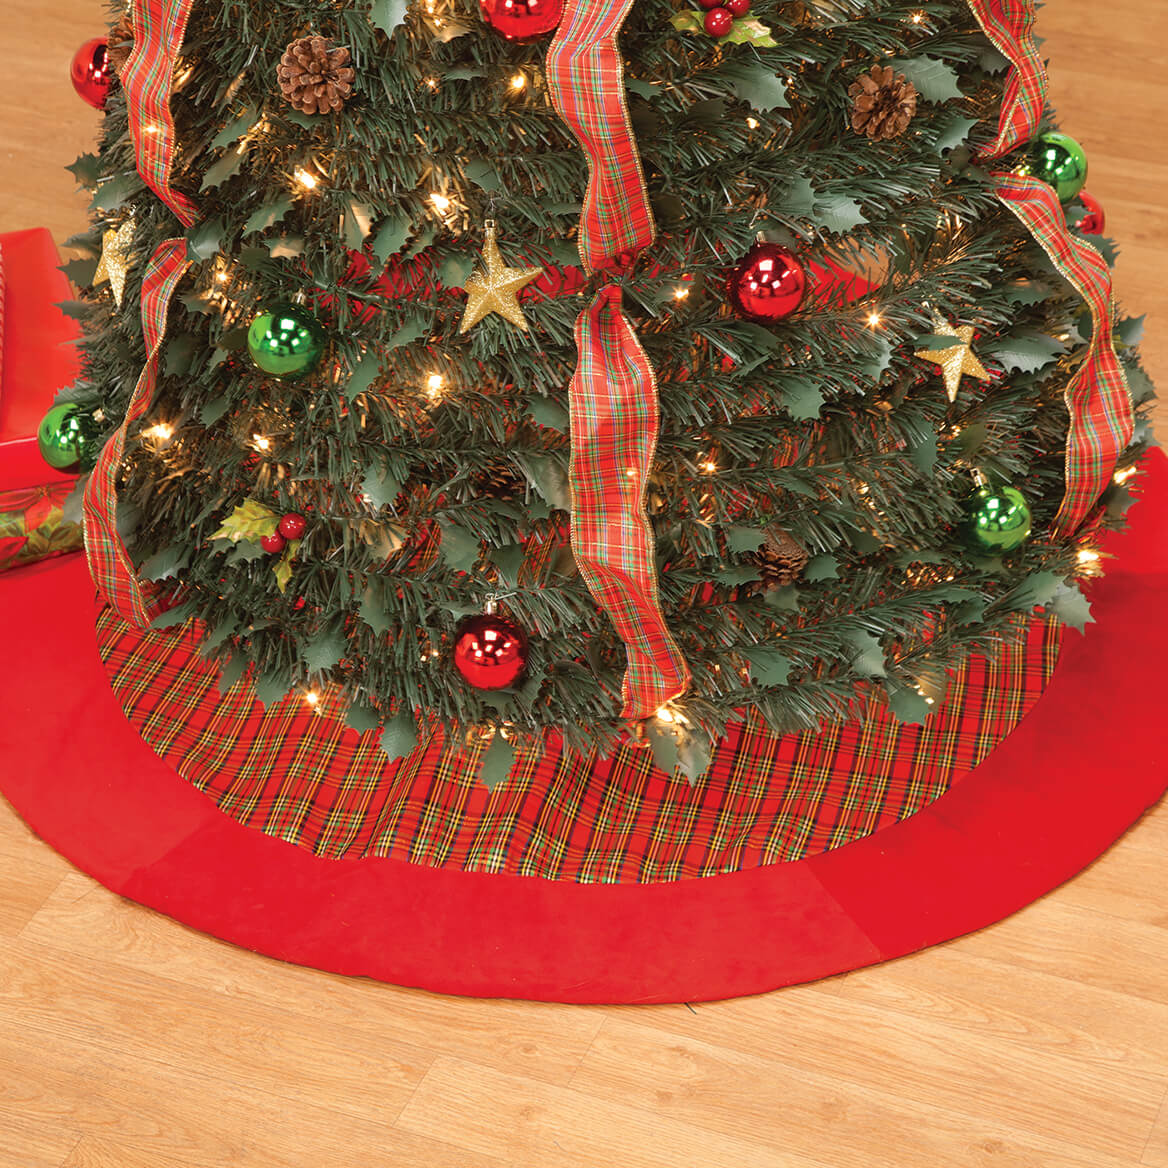 Plaid Tree Skirt by Holiday Peak™-368368